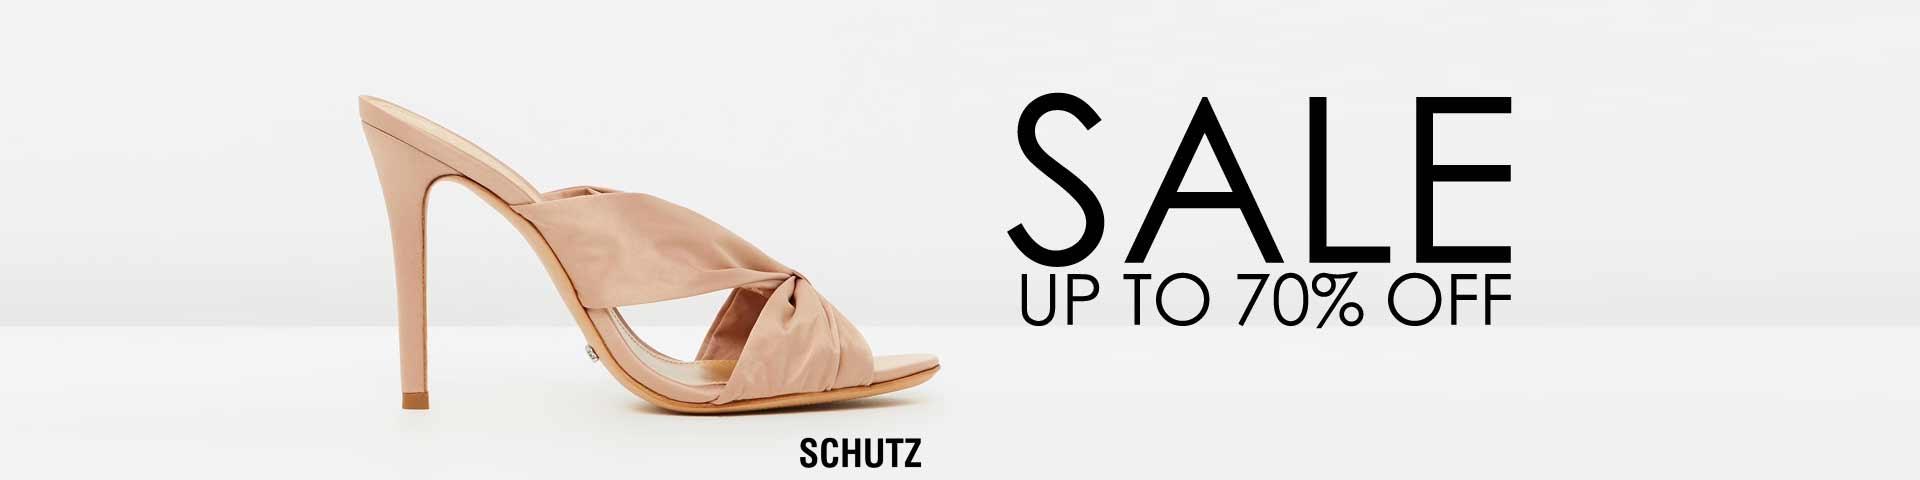 schutz mule heels on sale online free shipping australia